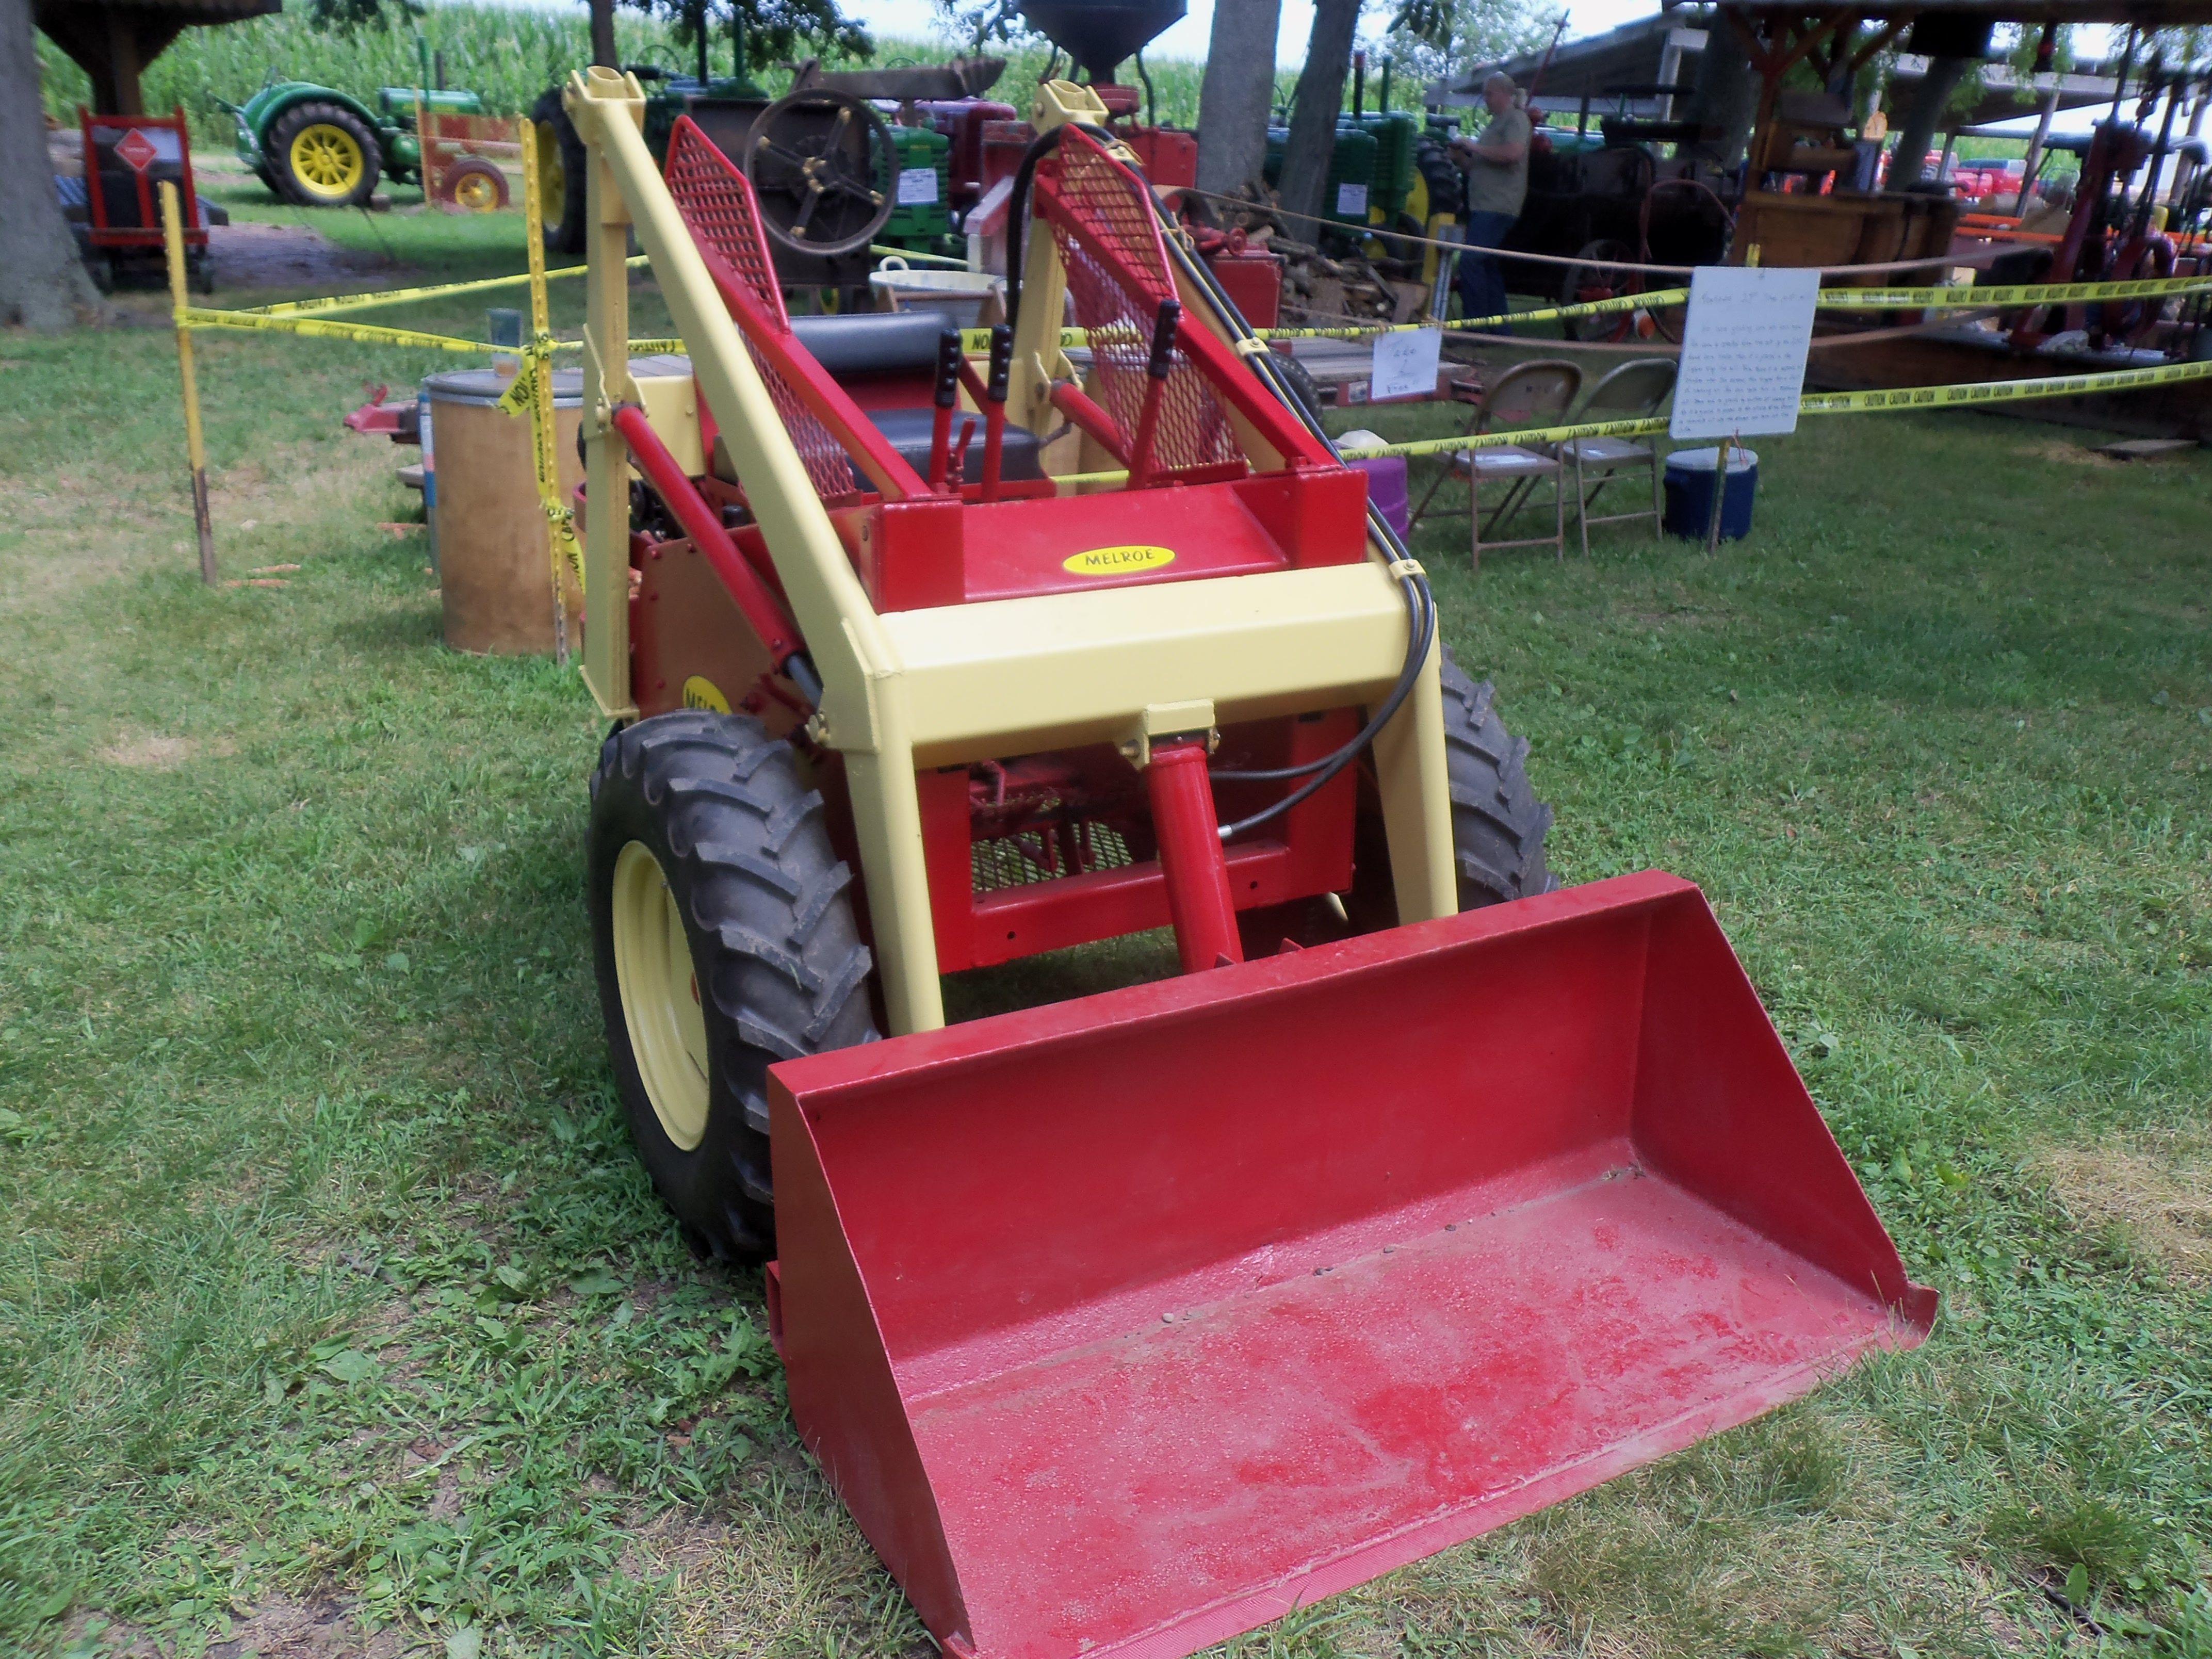 1961 Melroe Bobcat 3 wheel skid steer loader